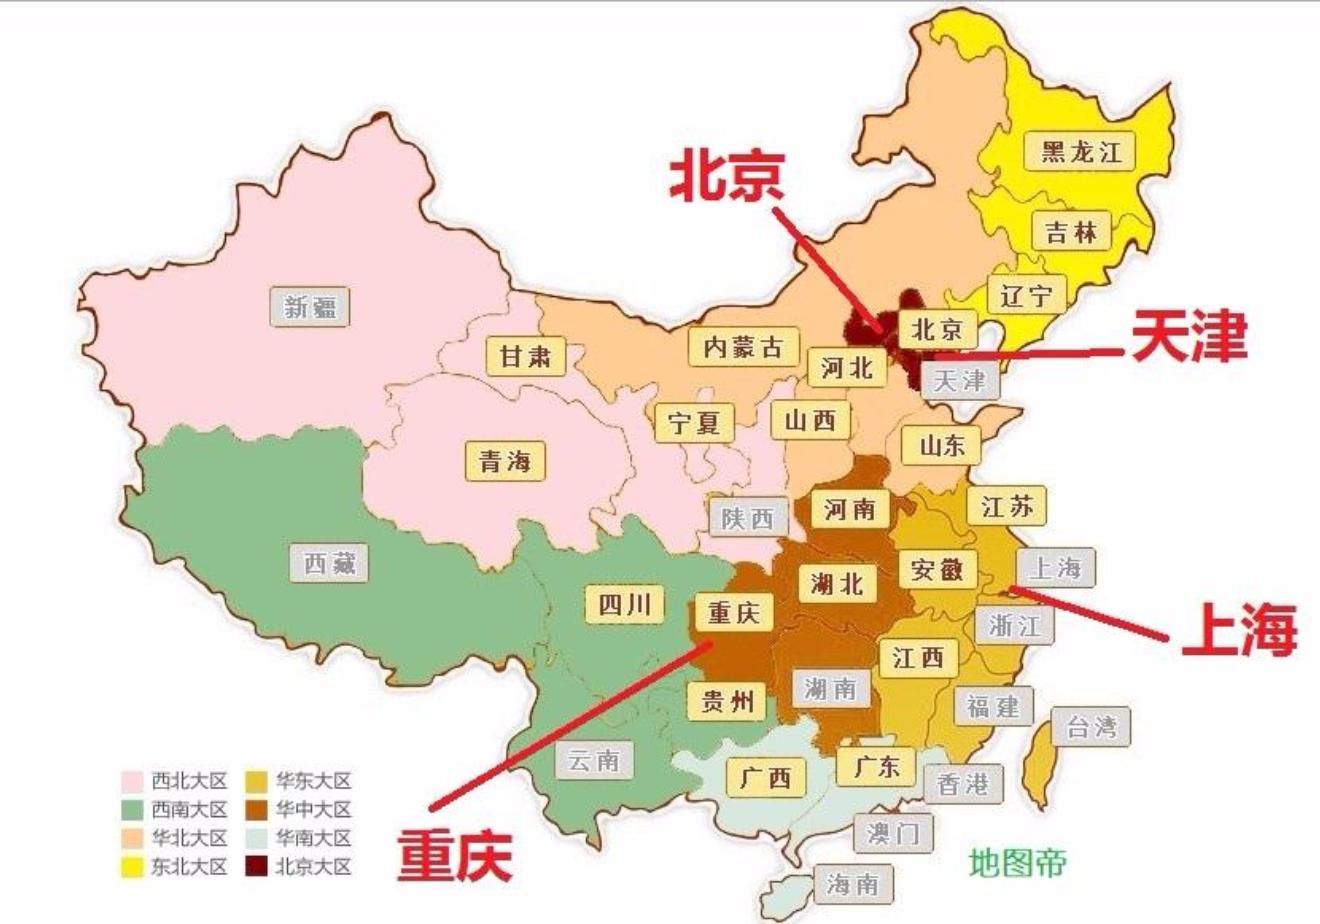 我国第五个直辖市_中国直辖市【相关词_ 中国直辖市有哪几个】 - 随意贴